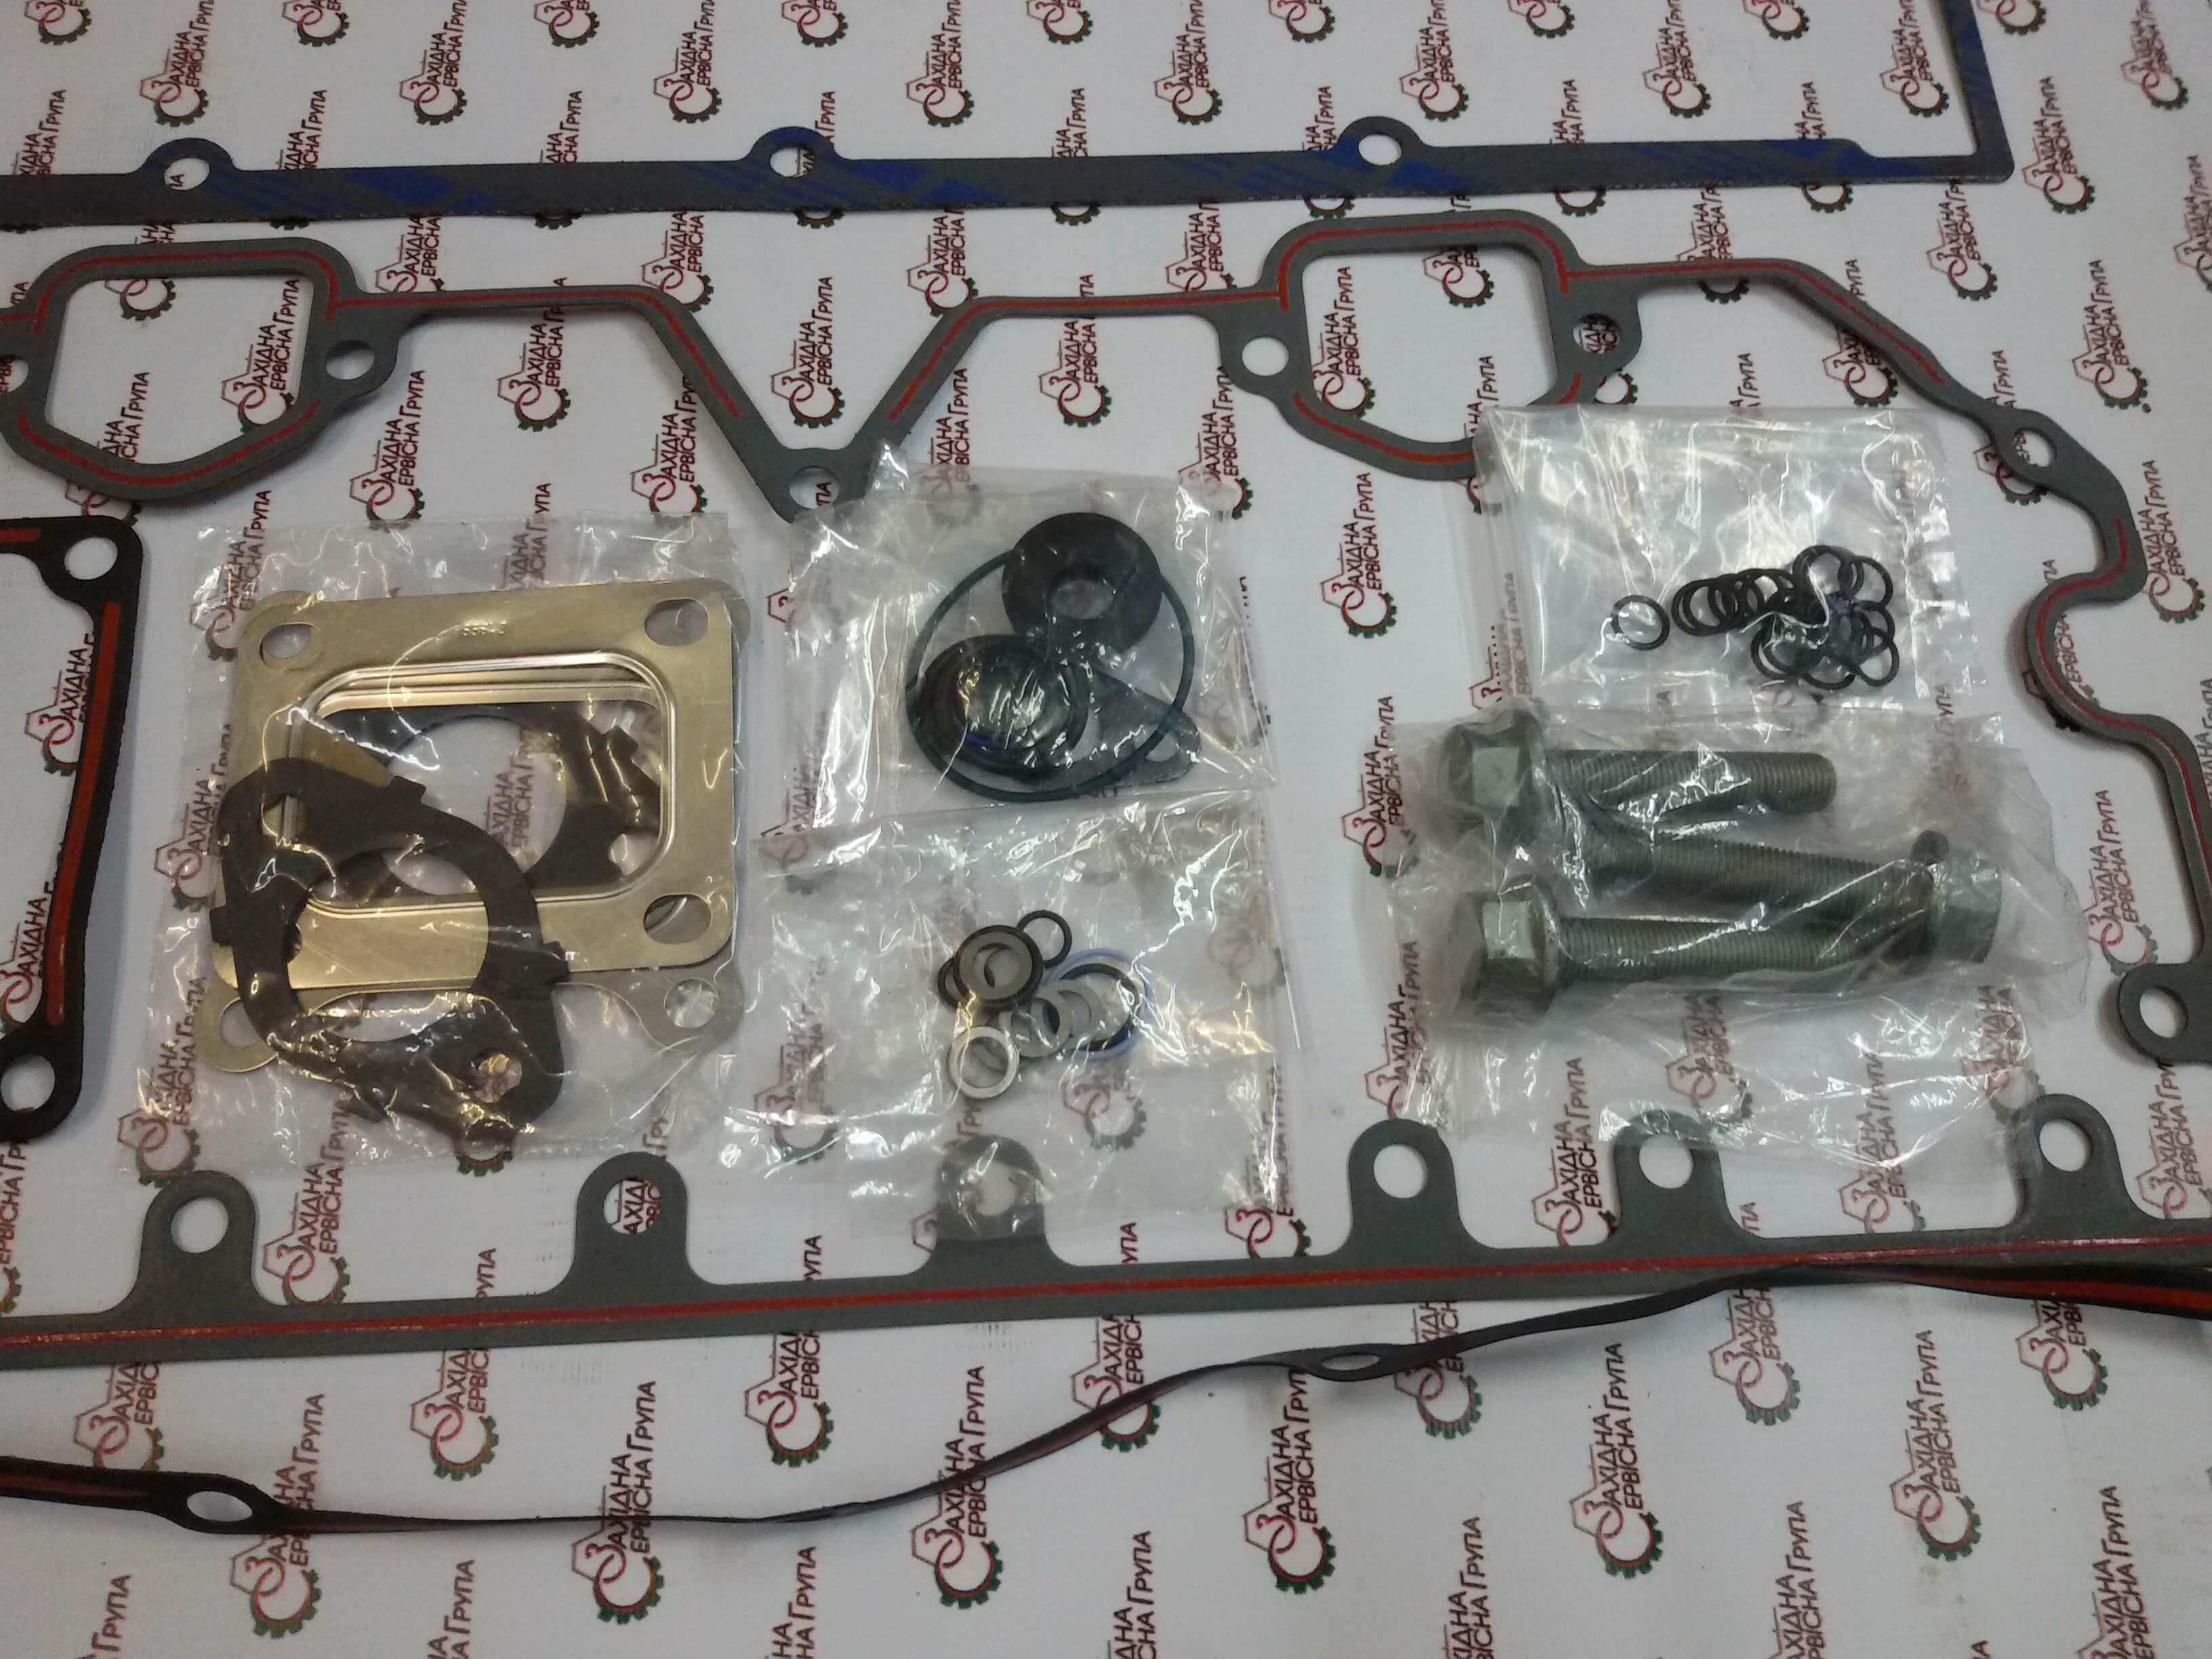 Комплект прокладок верхній Cummins M11, ISM11, QSM11, 4089478, 4025157, 4024993, 3803293.